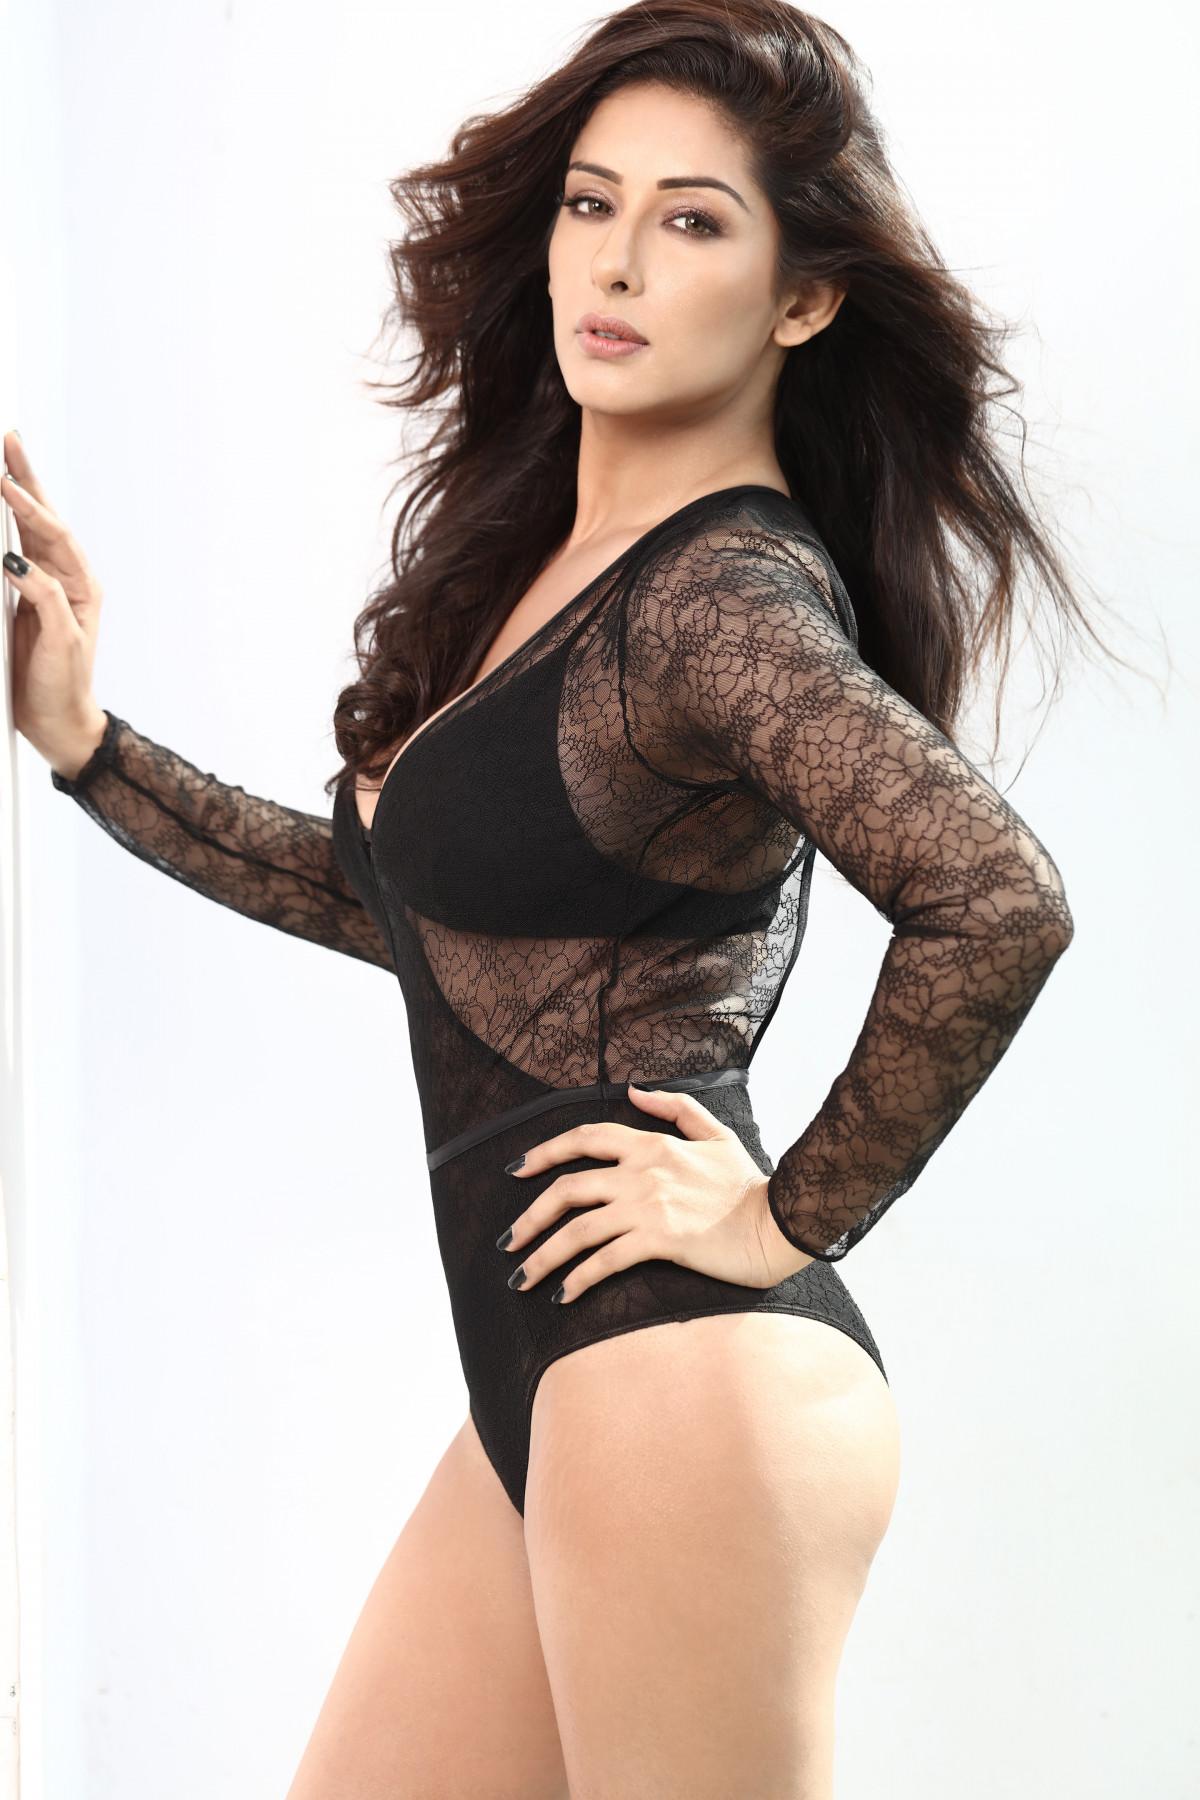 hot indian women strip tease